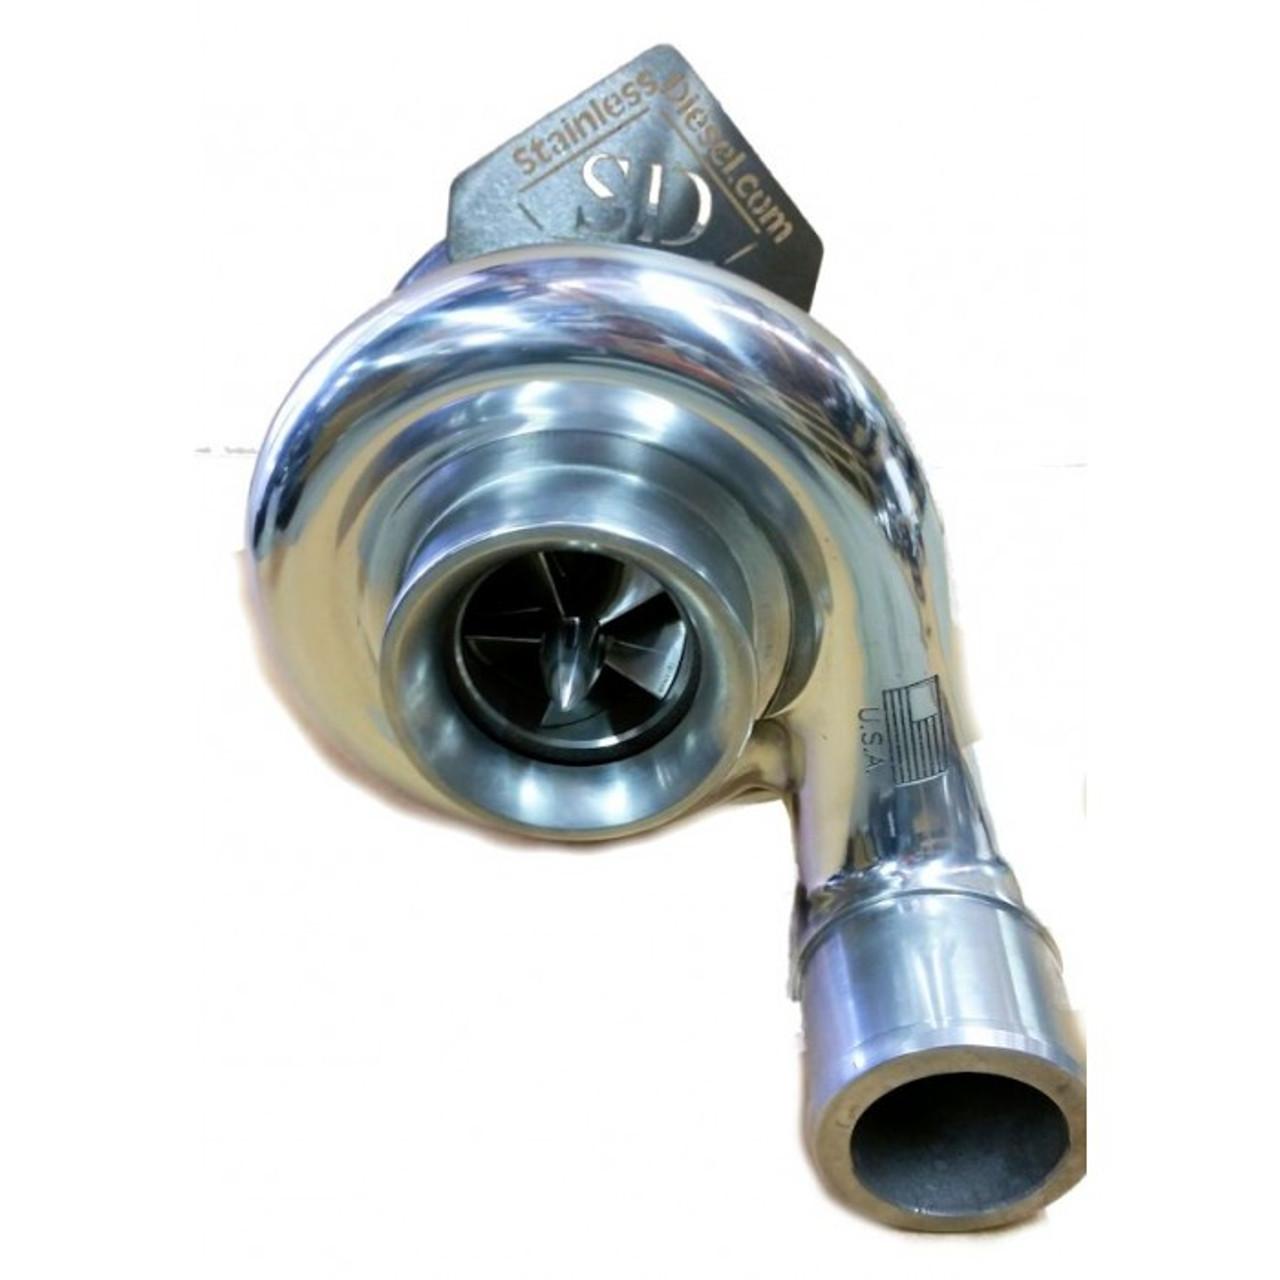 366 stainless diesel 5 blade